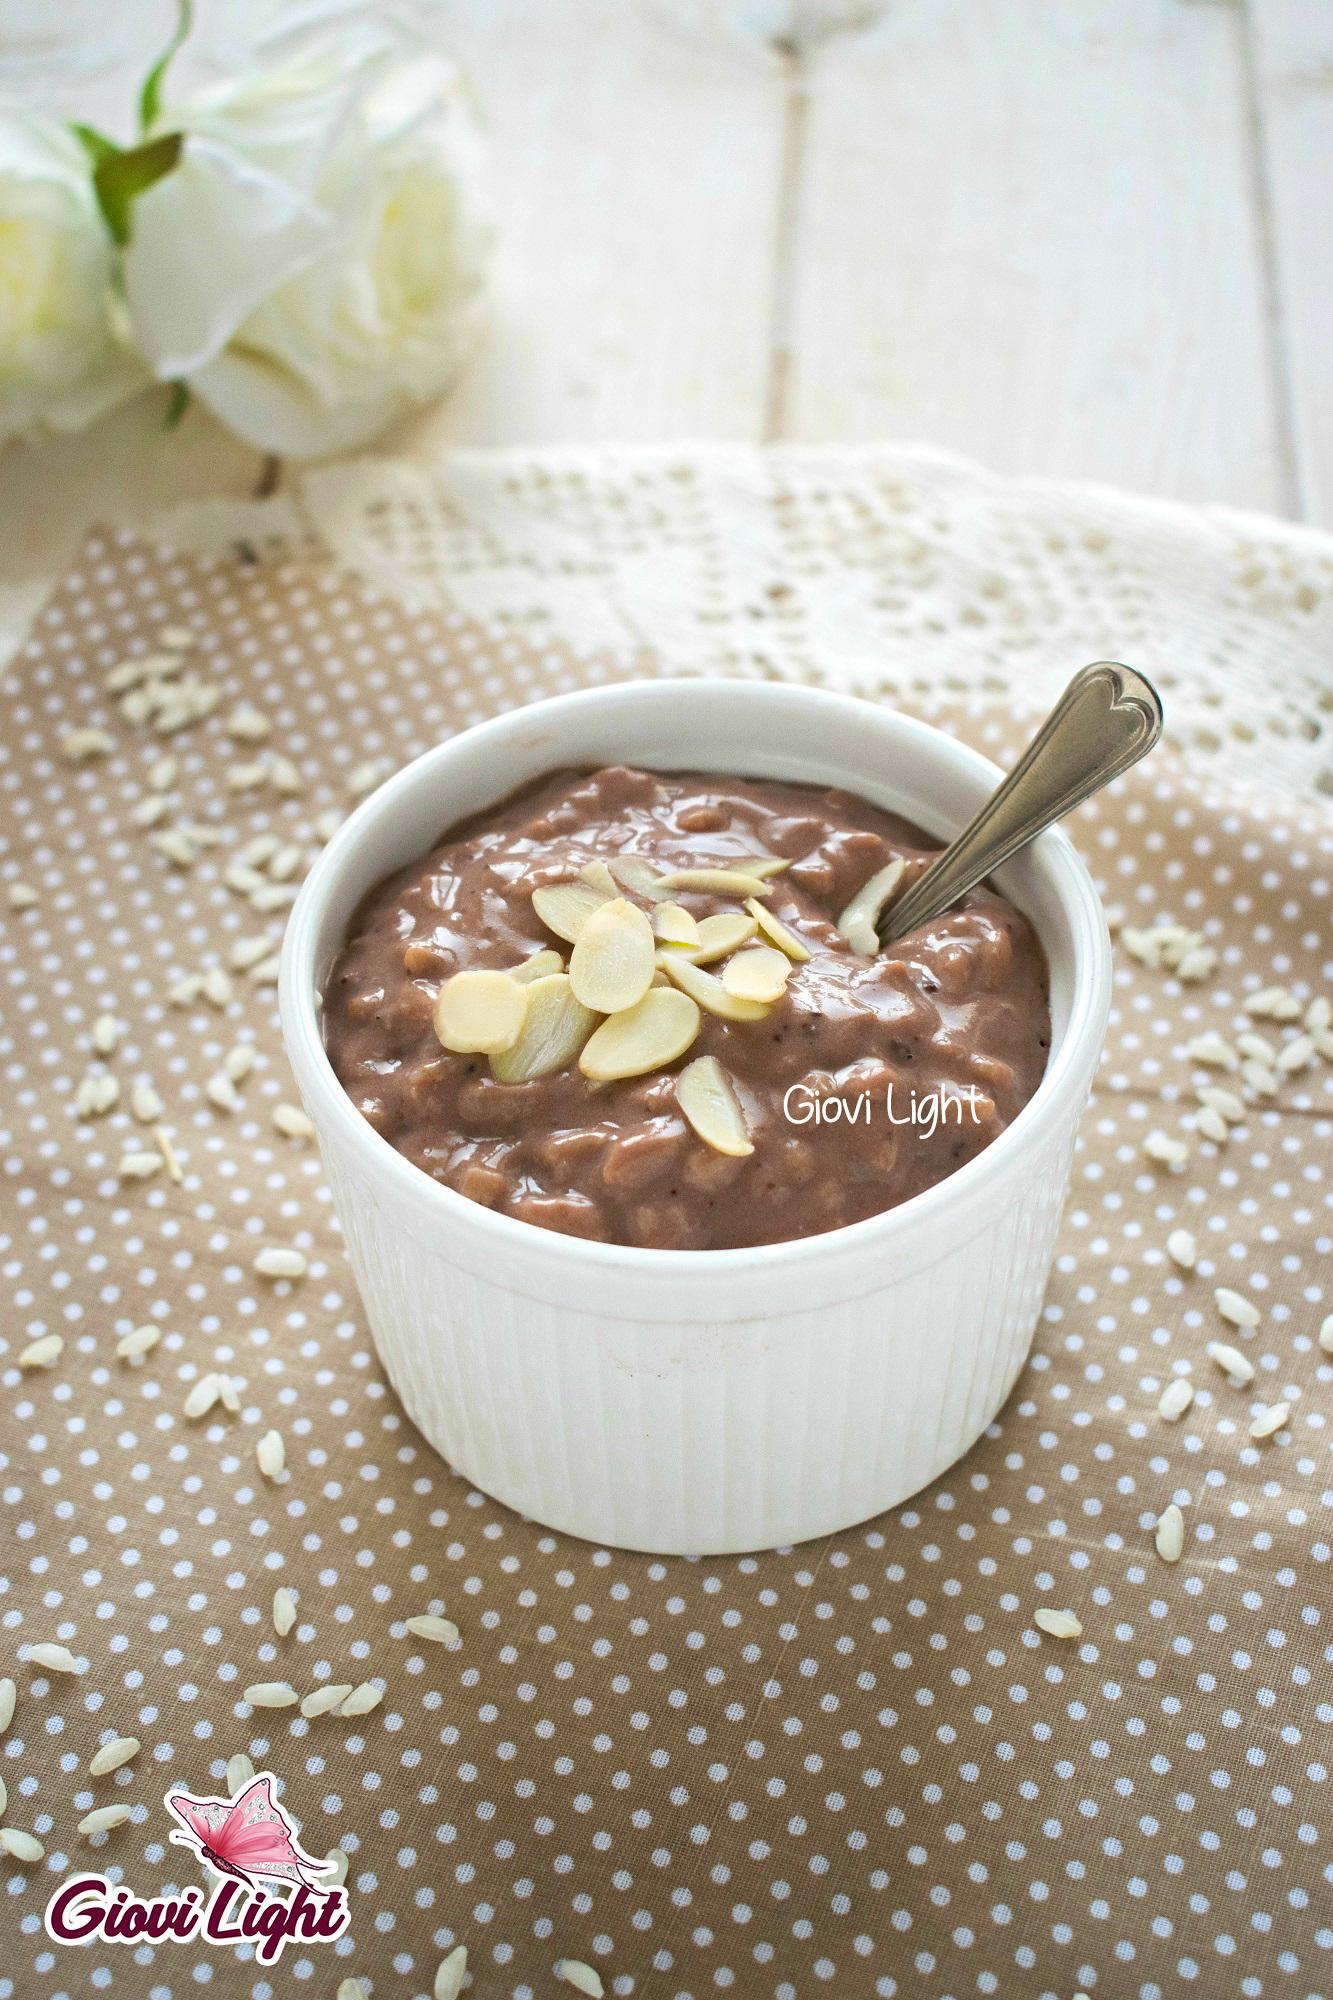 Risolatte light al cacao e cannella - senza glutine, caseina, zucchero e grassi!